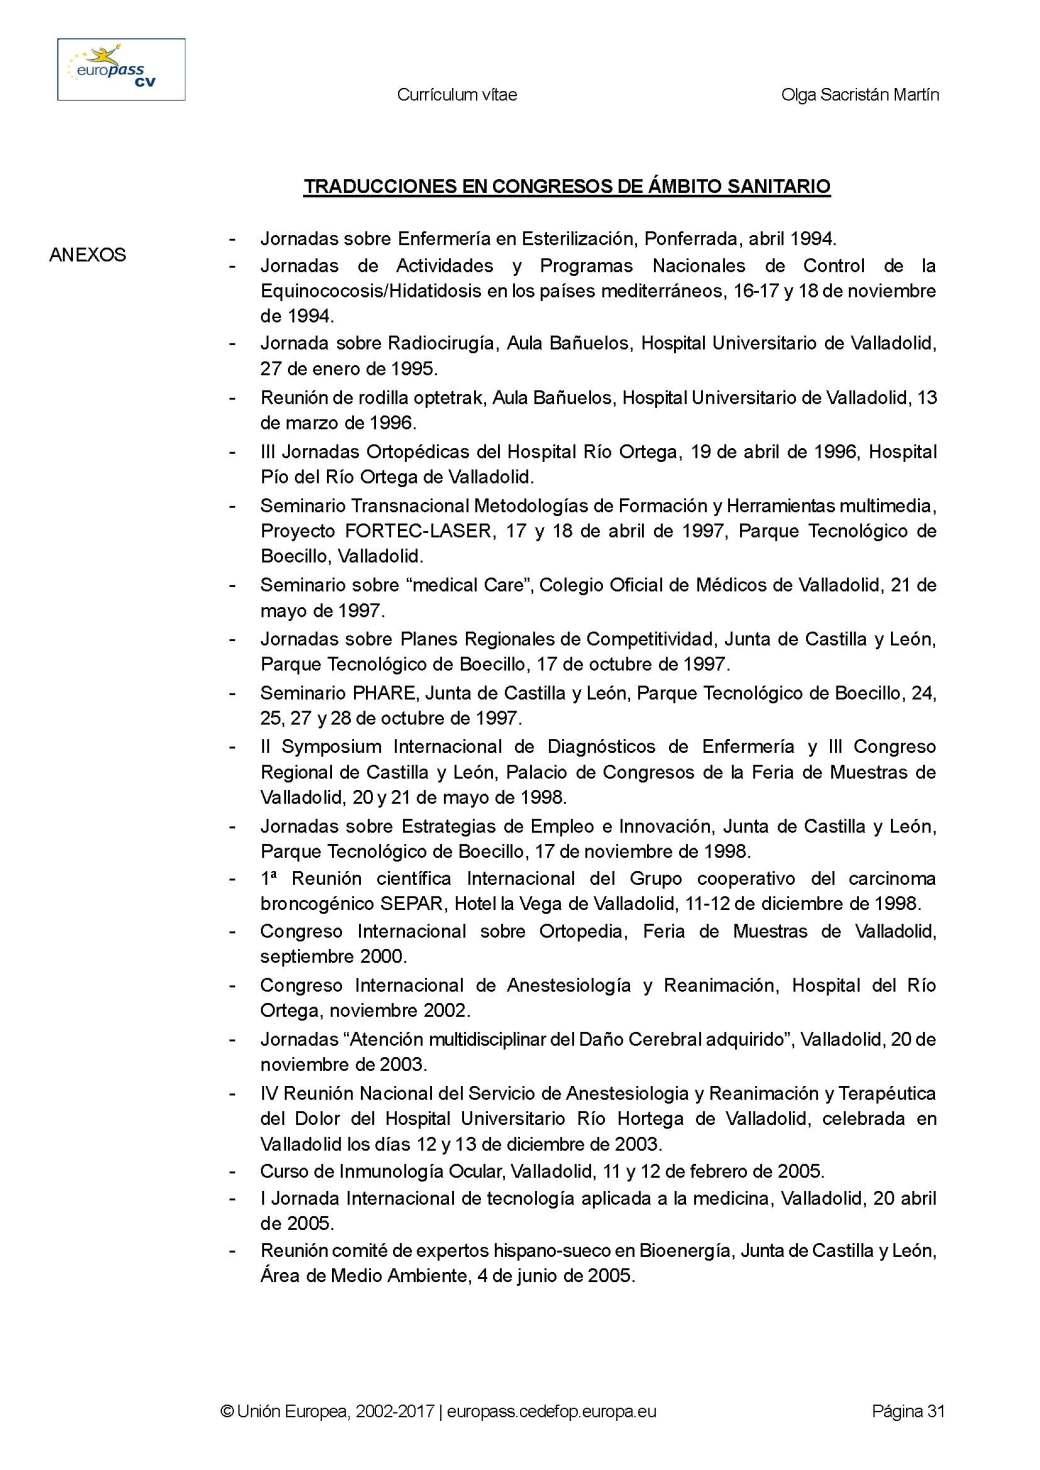 CURRICULUM EUROPASS DRA. OLGA SACRISTAN 2017_Página_31